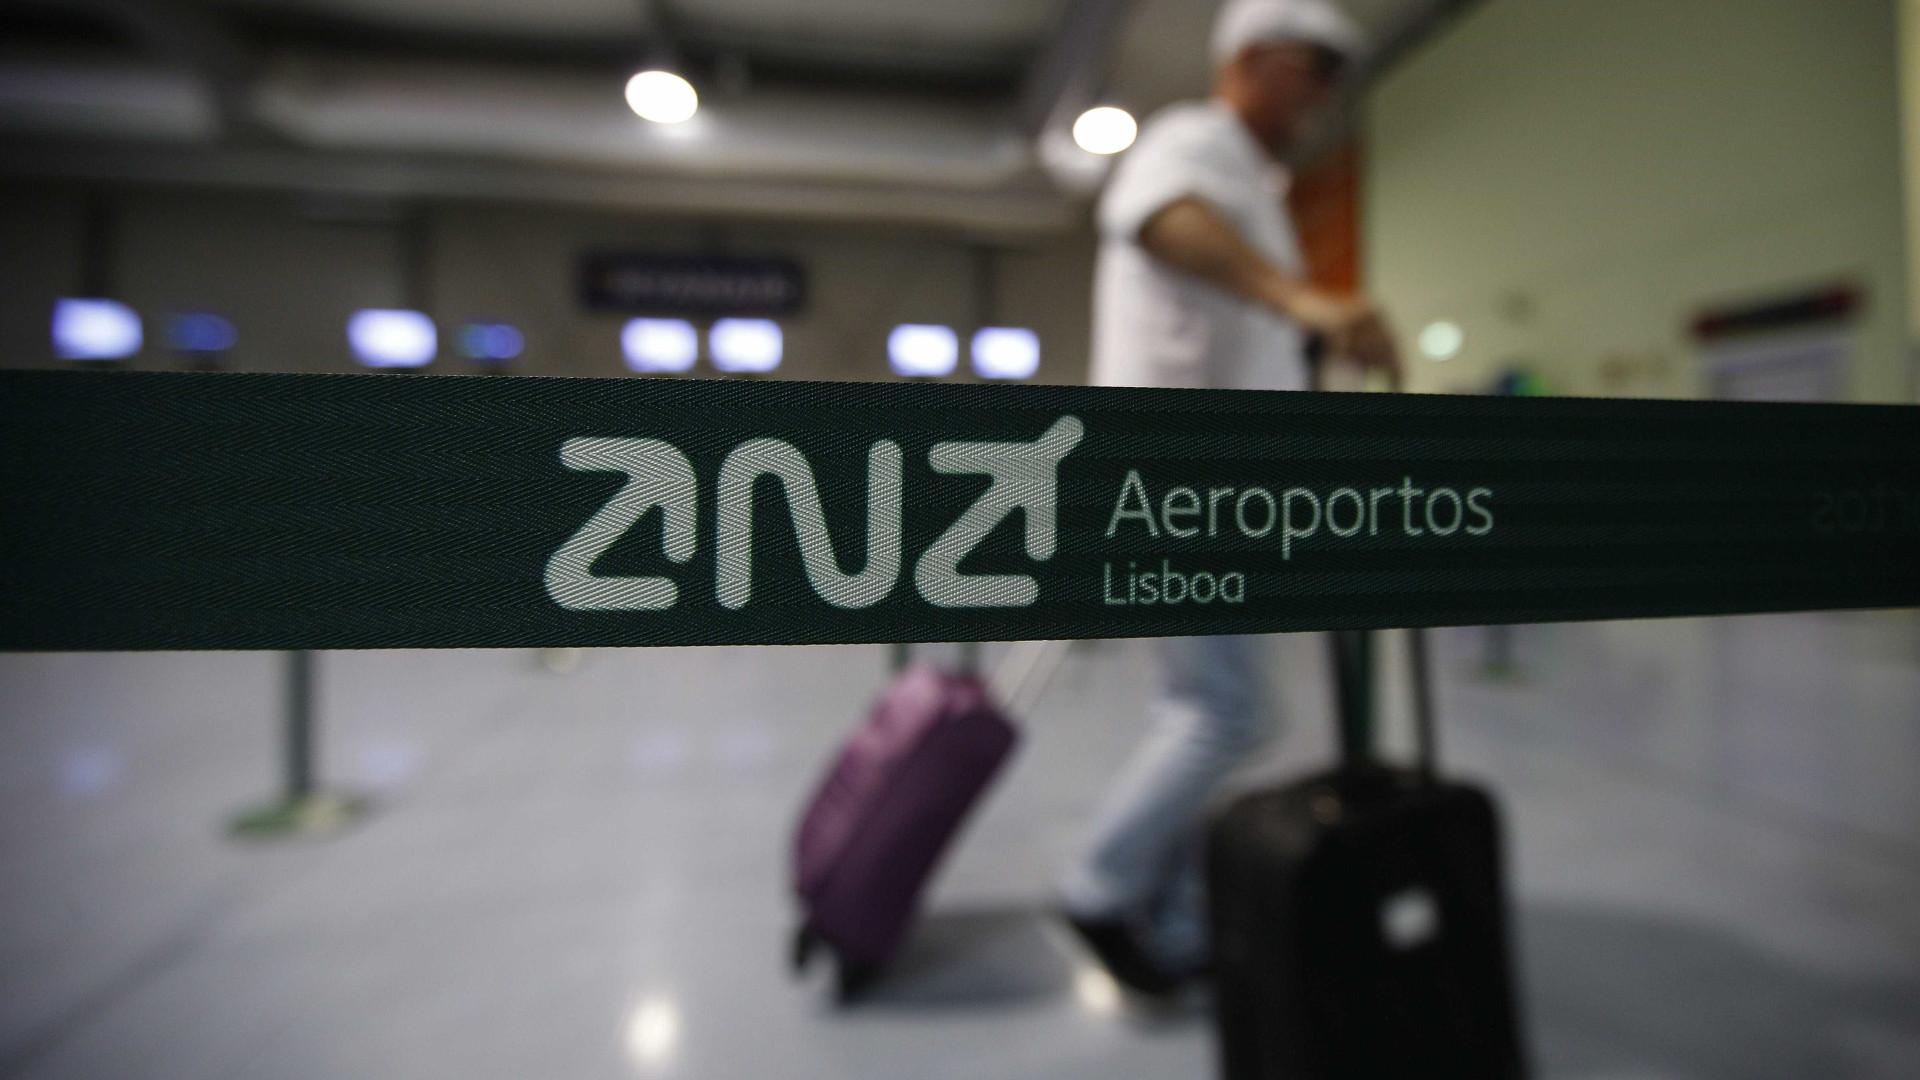 Alerta de segurança no aeroporto de Lisboa obriga a isolar área